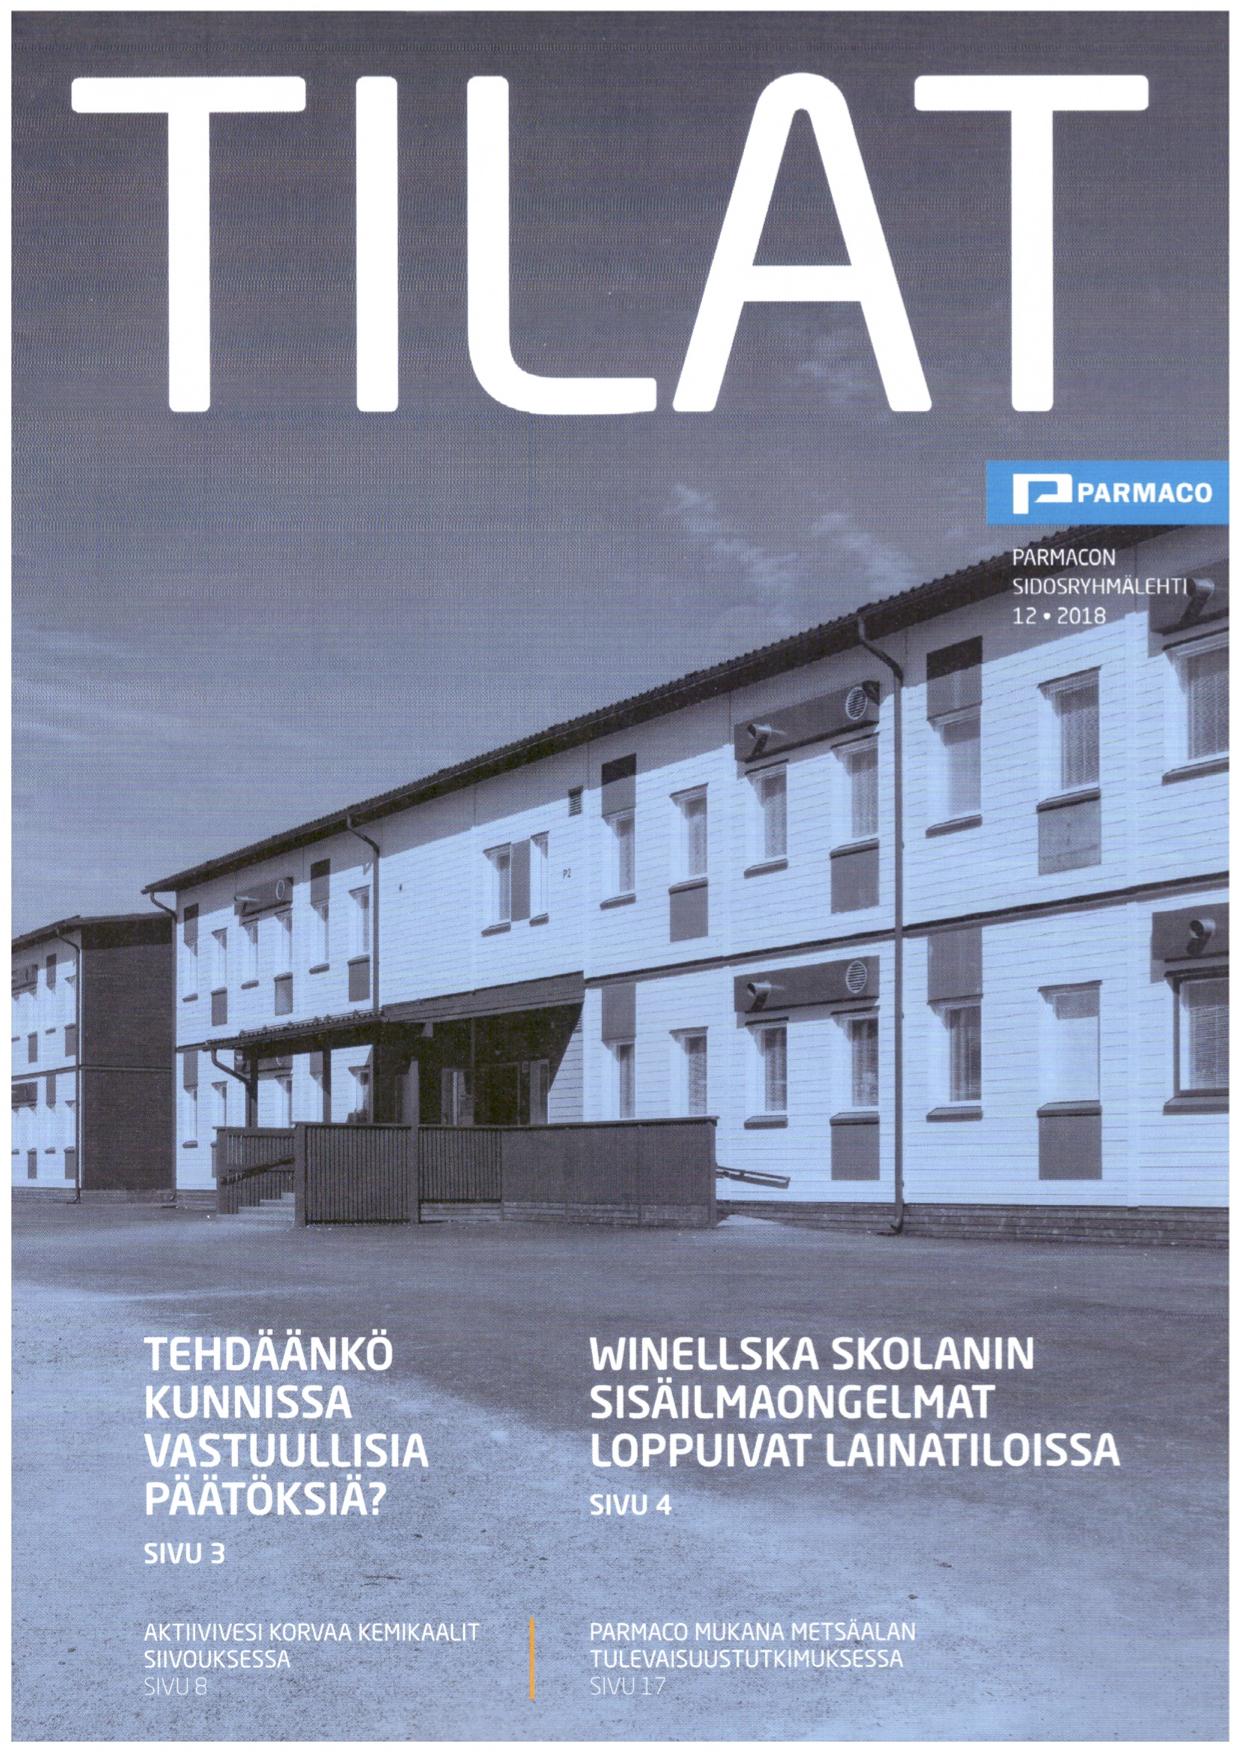 Artikkeli Aktiivivesisiivouksen tuloksista Kirkkonummella Parmacon TILAT-sidosryhmälehdessä.